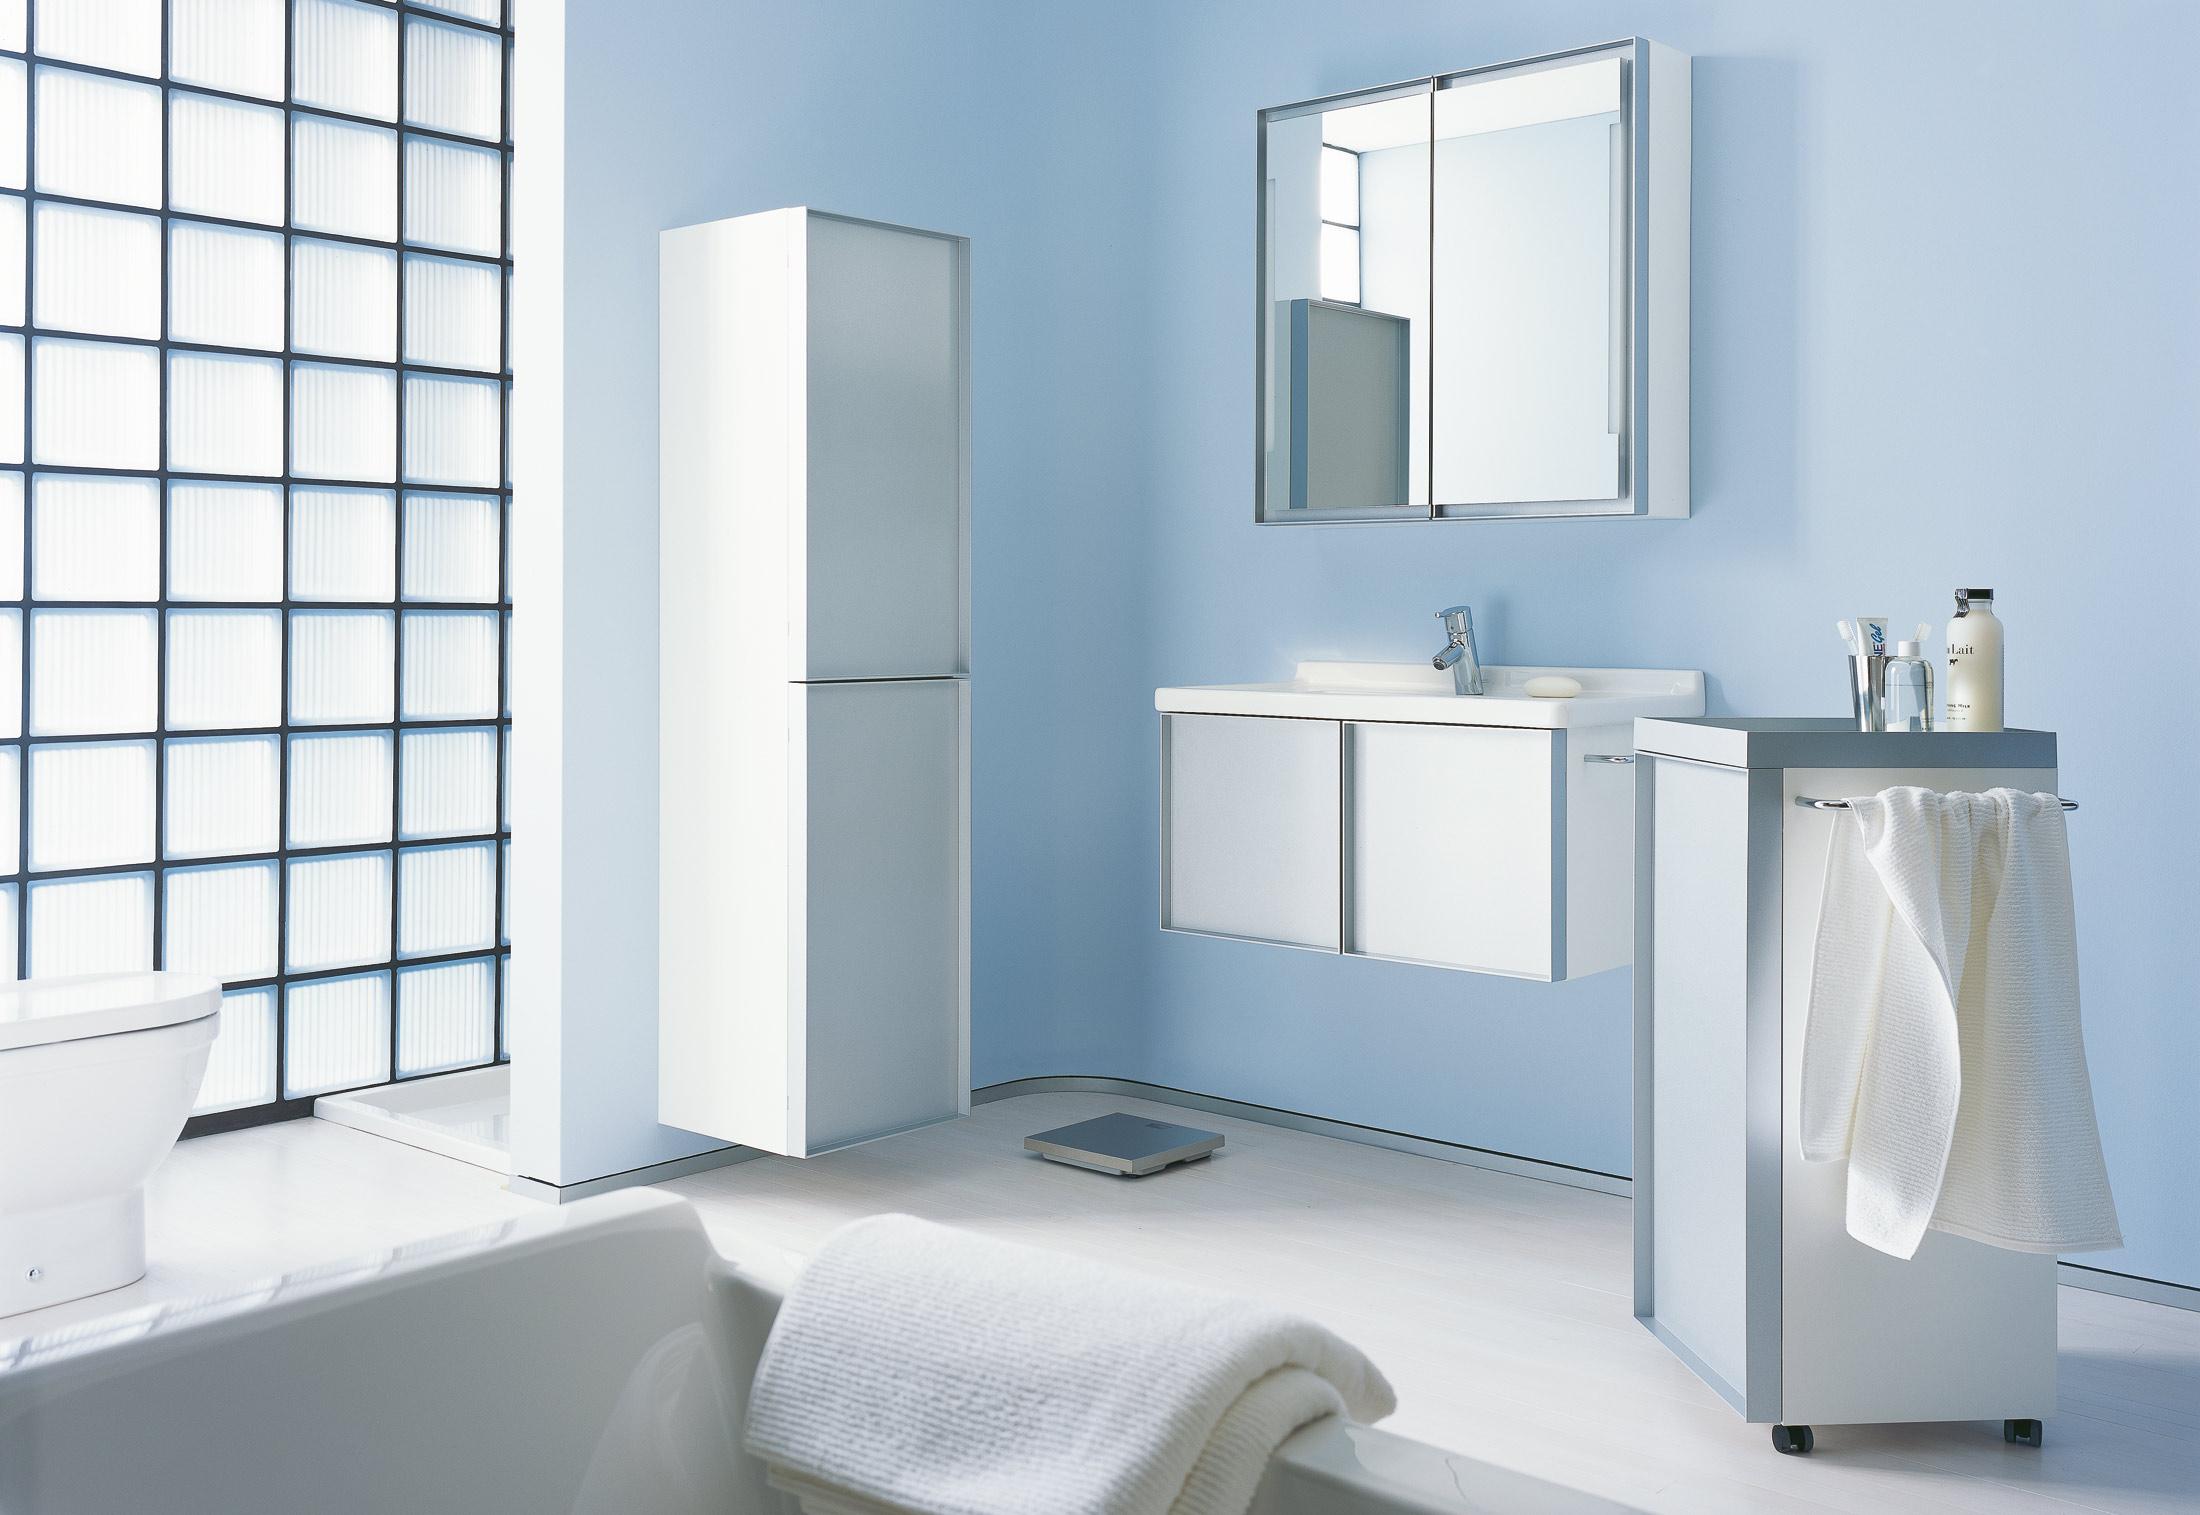 starck 1 2 3 waschtischunterbau von duravit stylepark. Black Bedroom Furniture Sets. Home Design Ideas